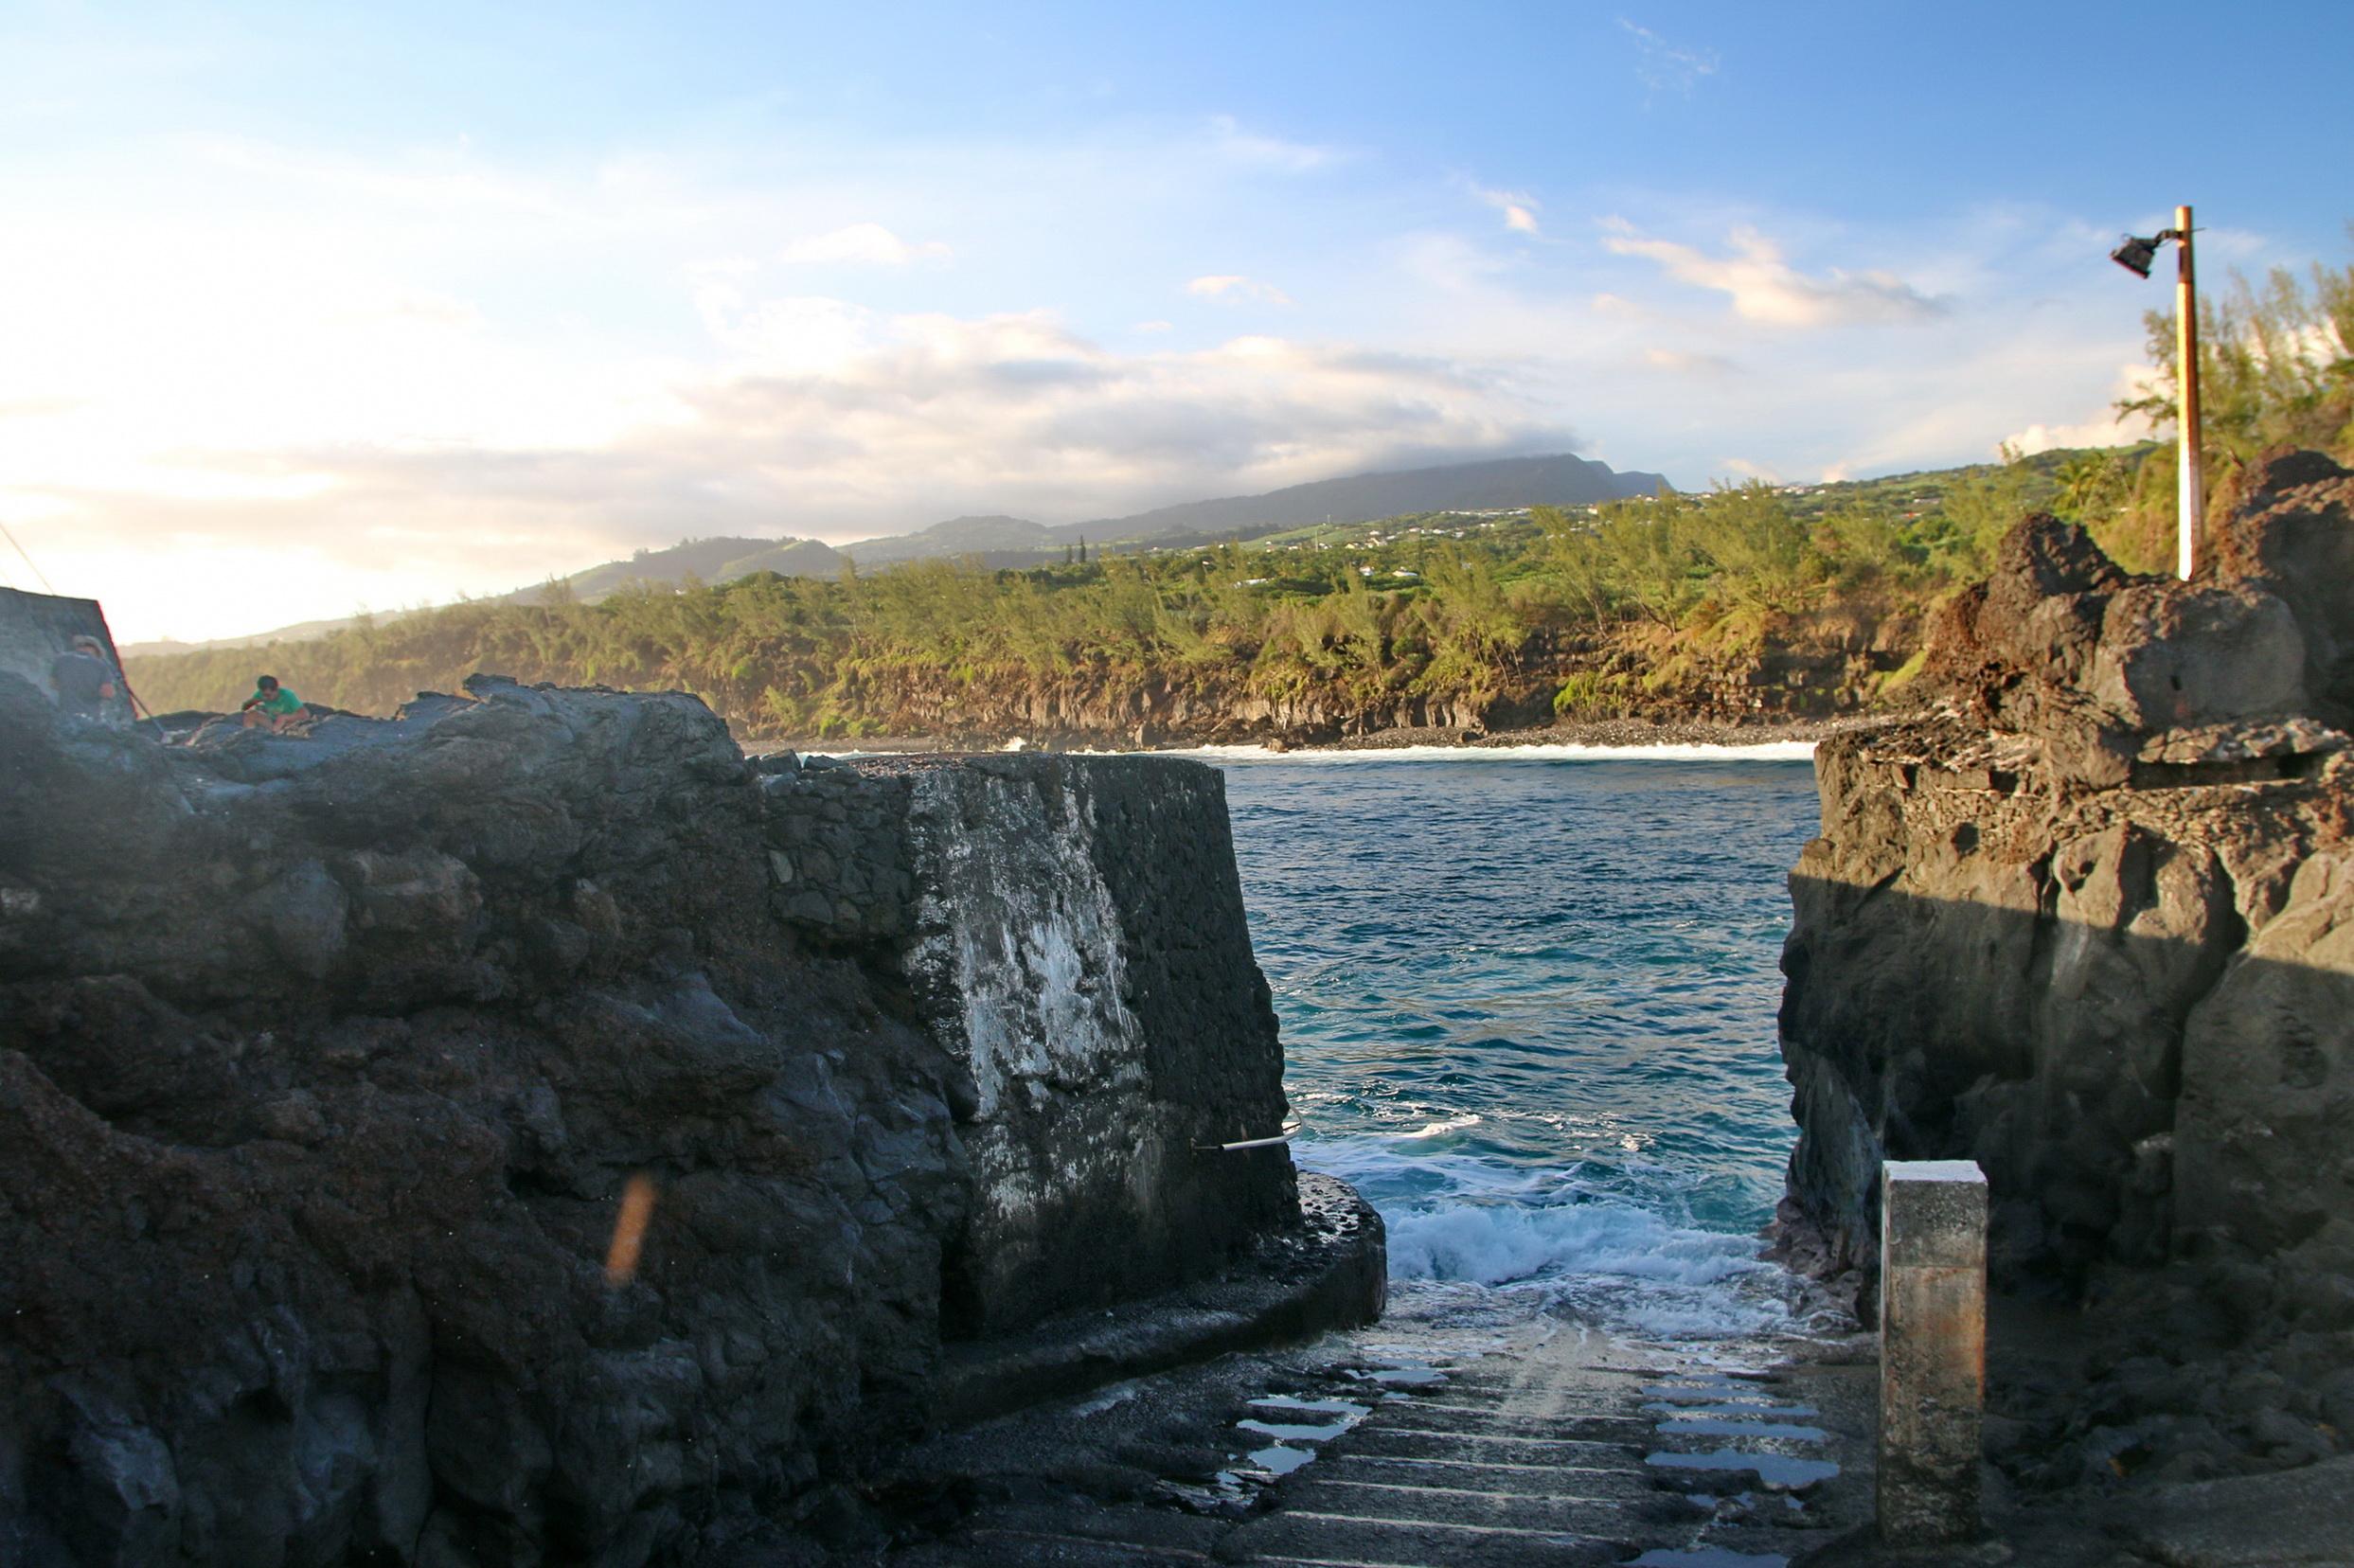 [Vie des ports] Les ports de la Réunion - Page 5 987183capmchantlangevin142